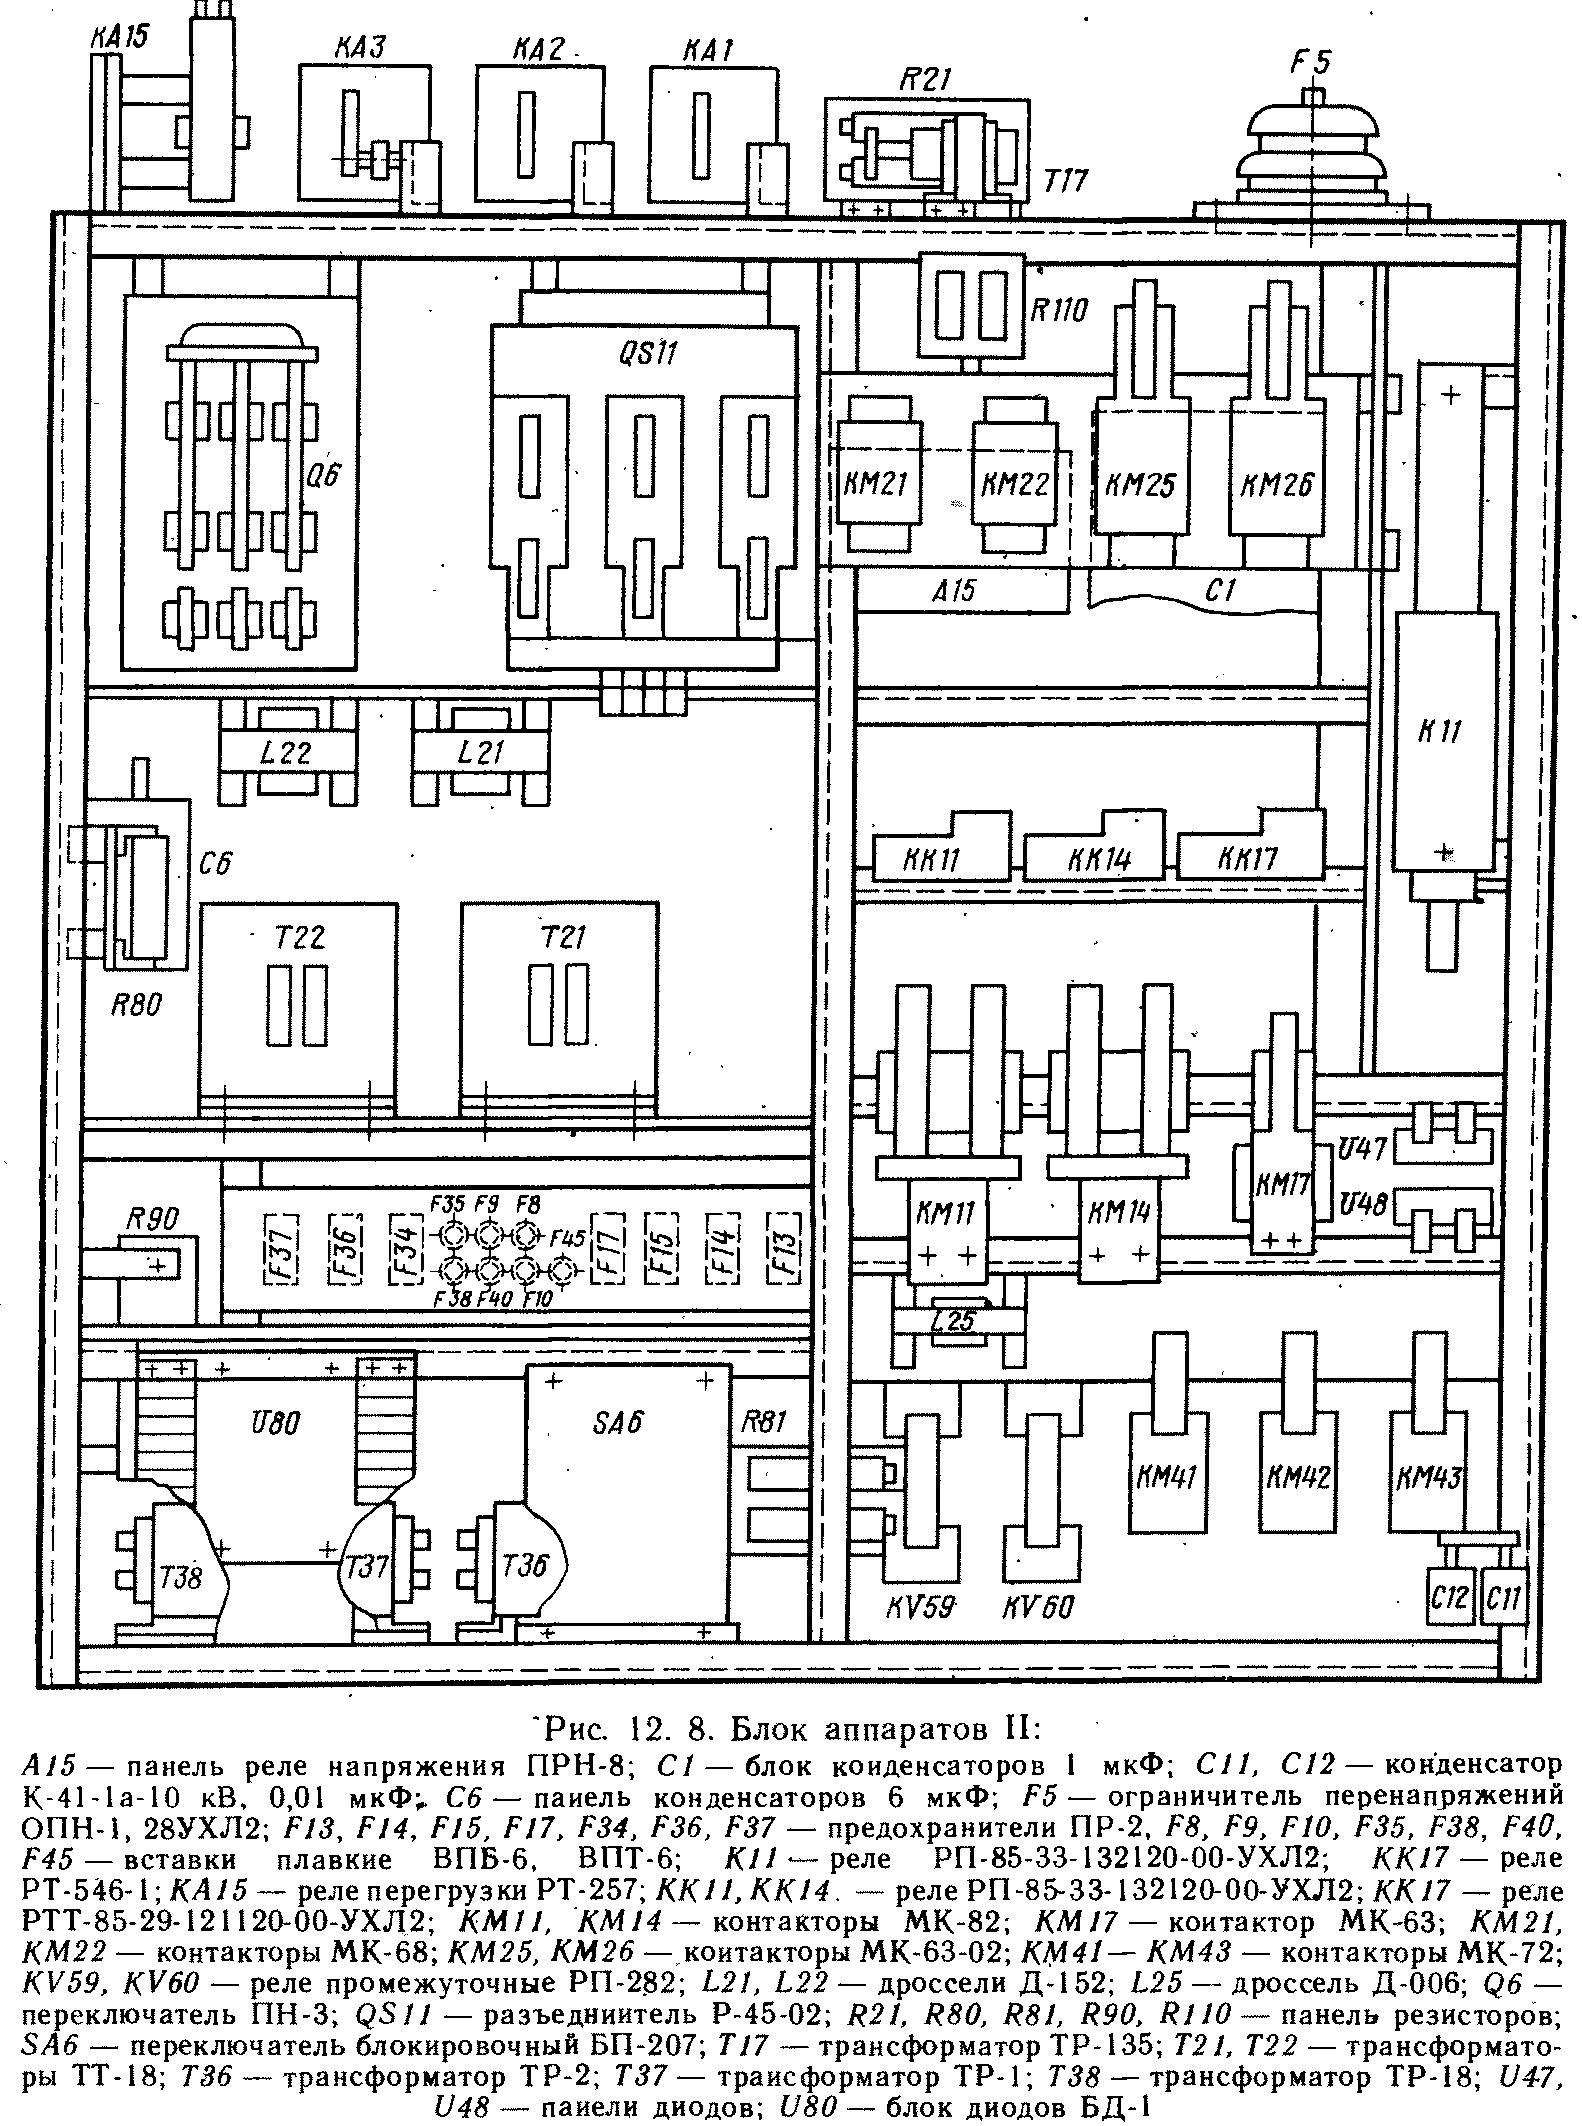 инструкция по видам ремонта электровоза вл